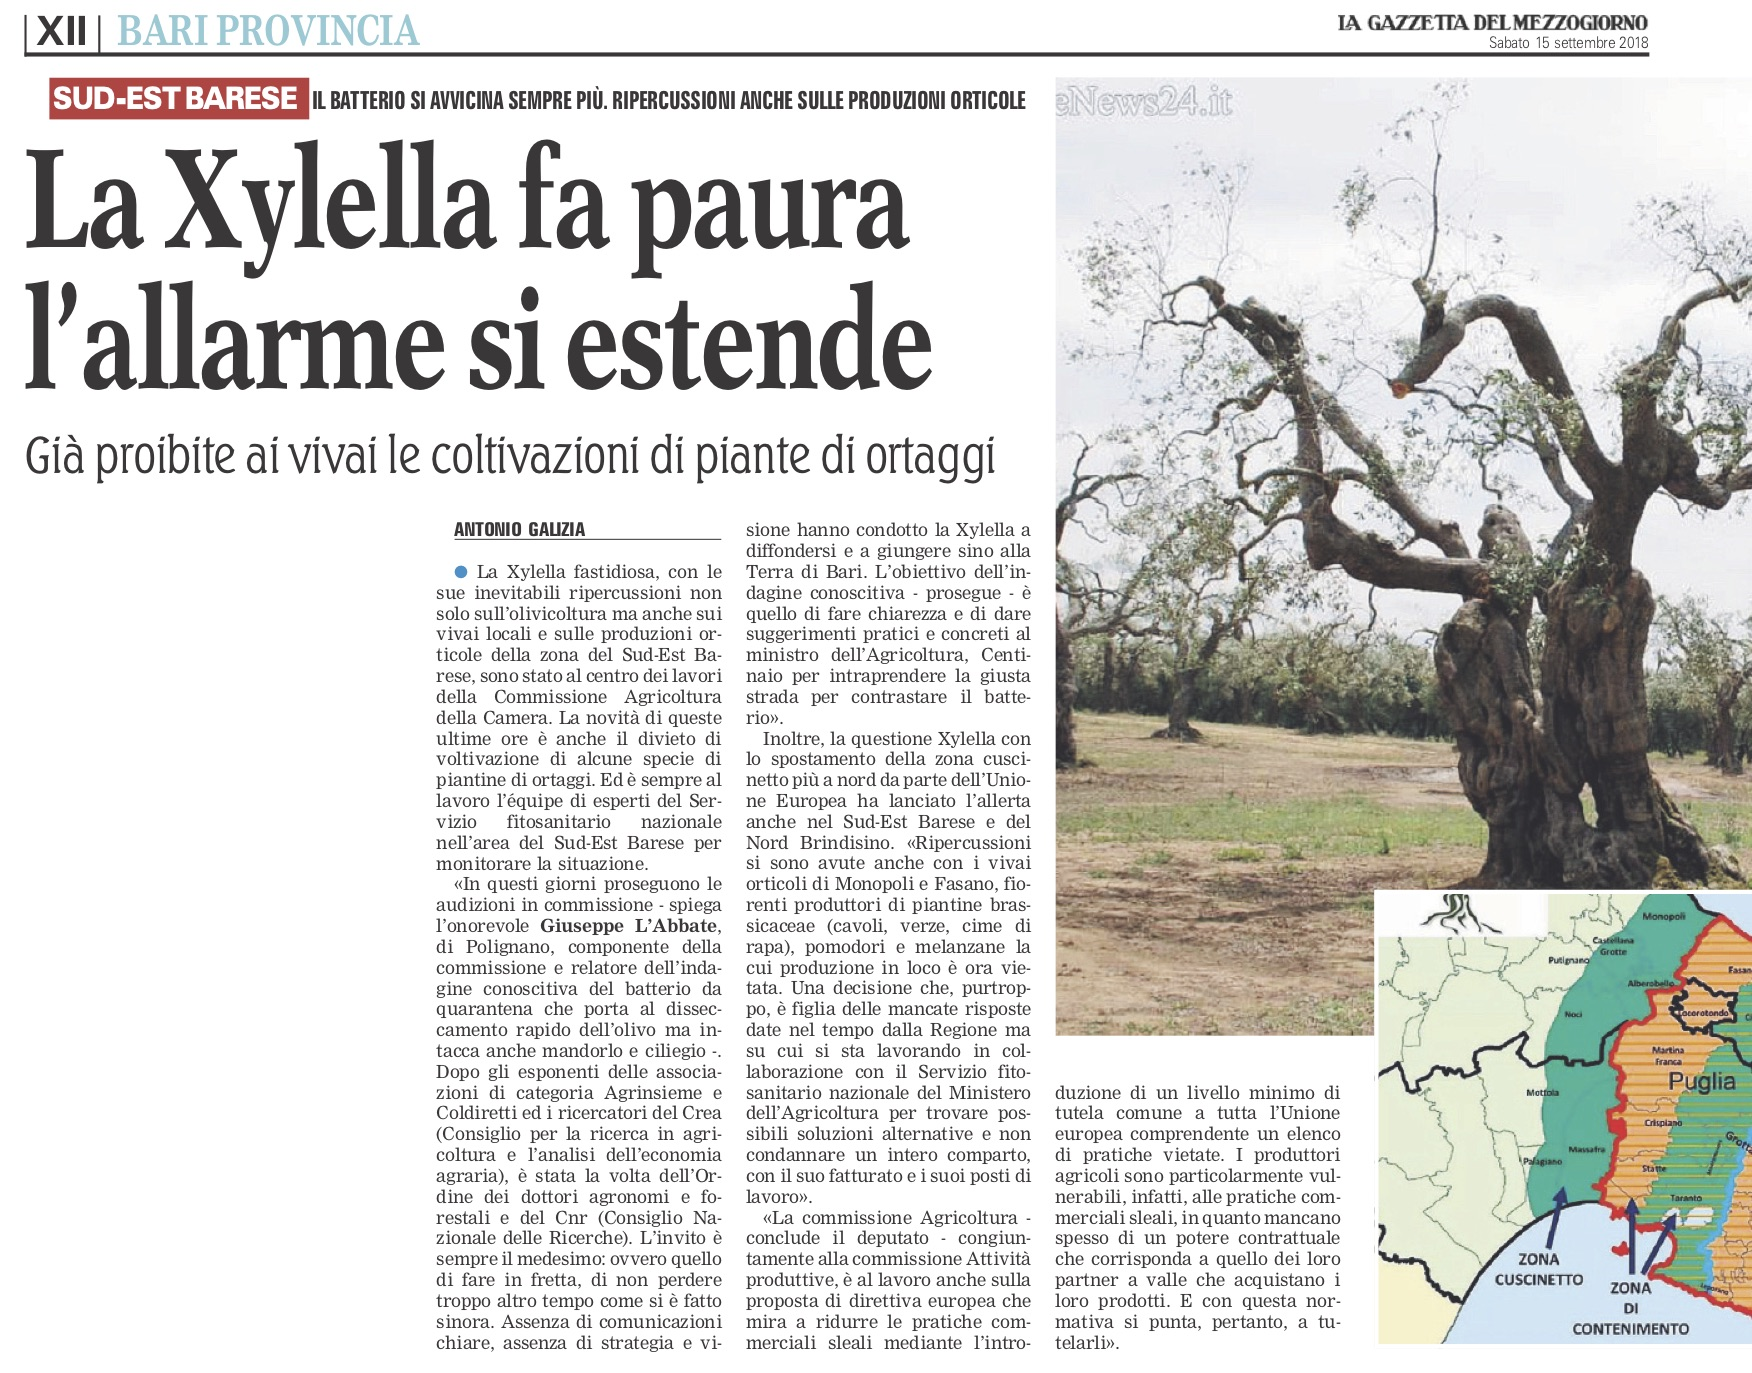 La Gazzetta del Mezzogiorno - 15.09.2018